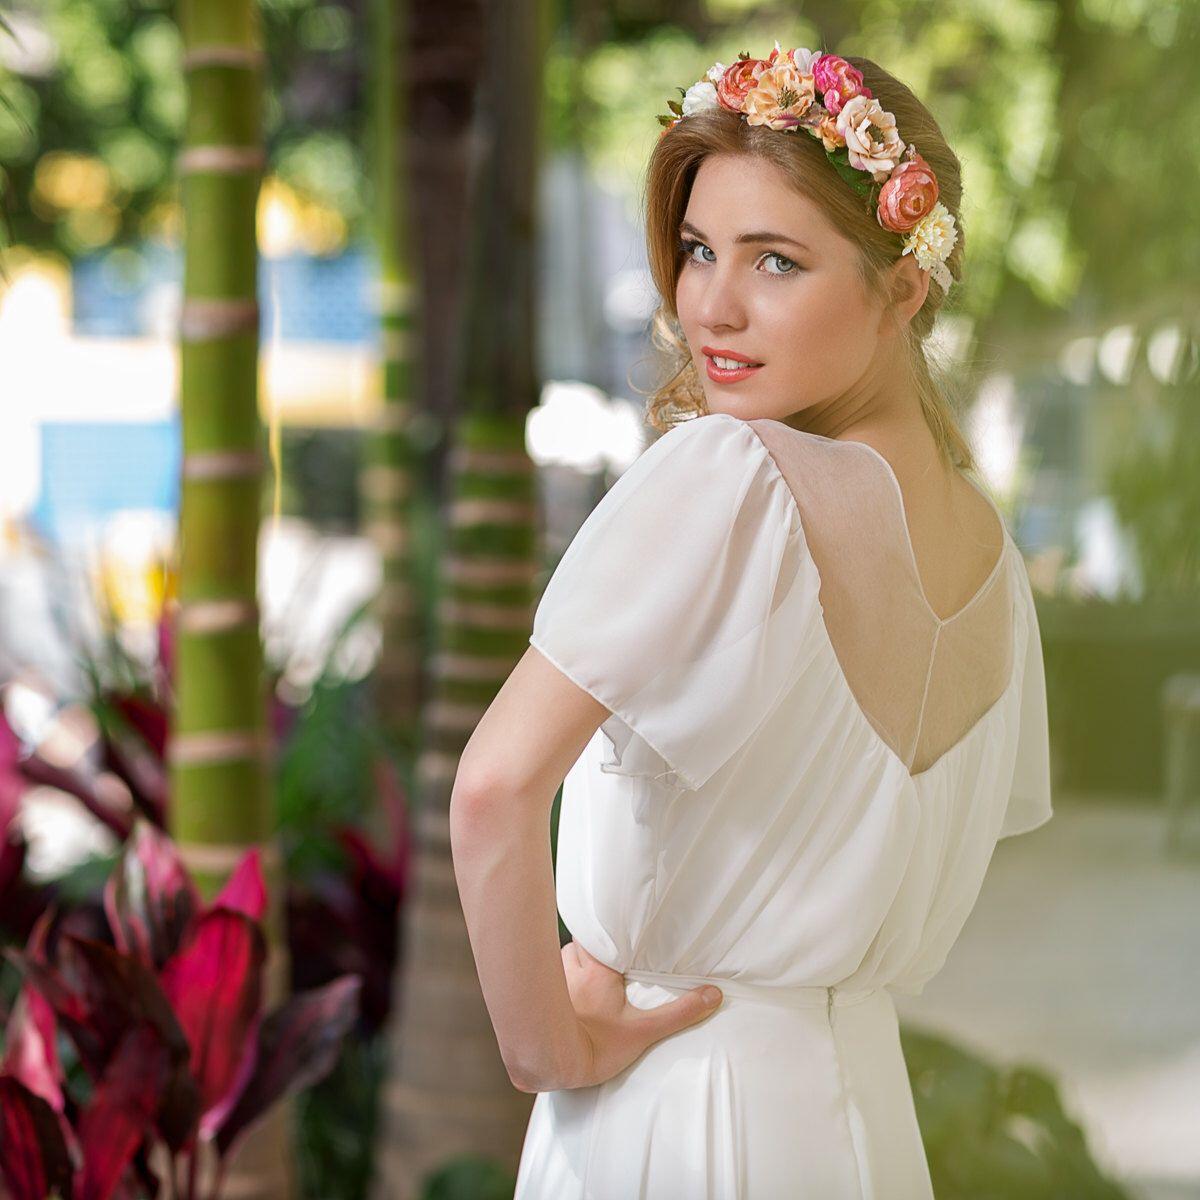 Vintage style wedding dress white ivory chiffon sleeves wedding